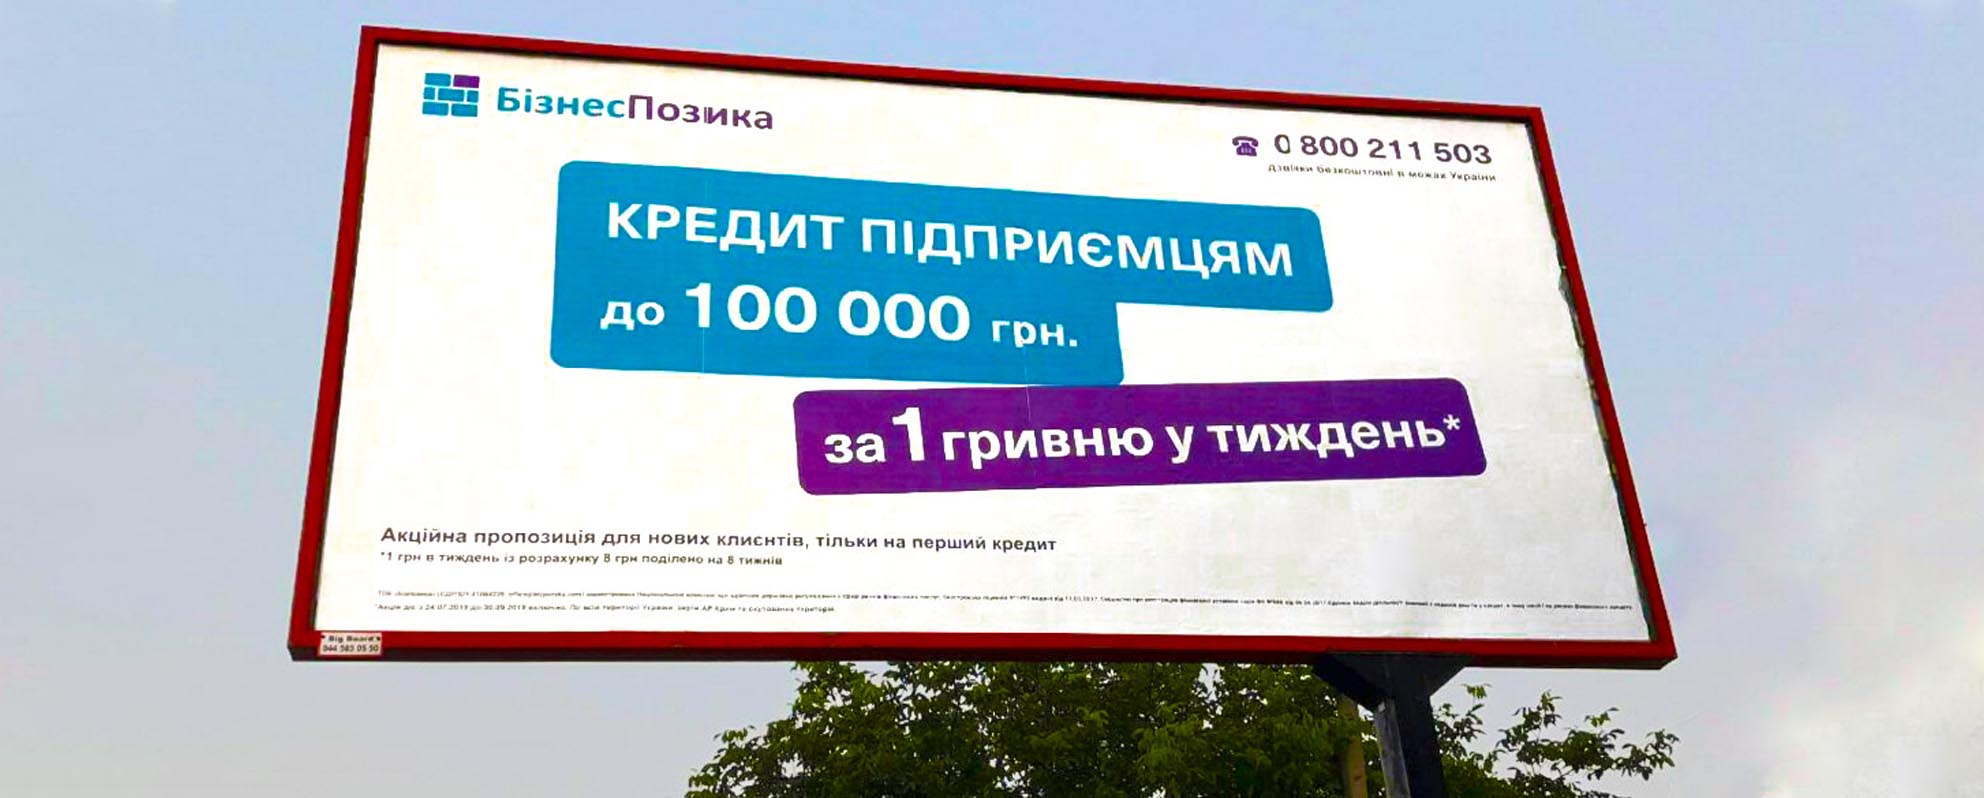 Рекламная кампания для Бизнес Позыка